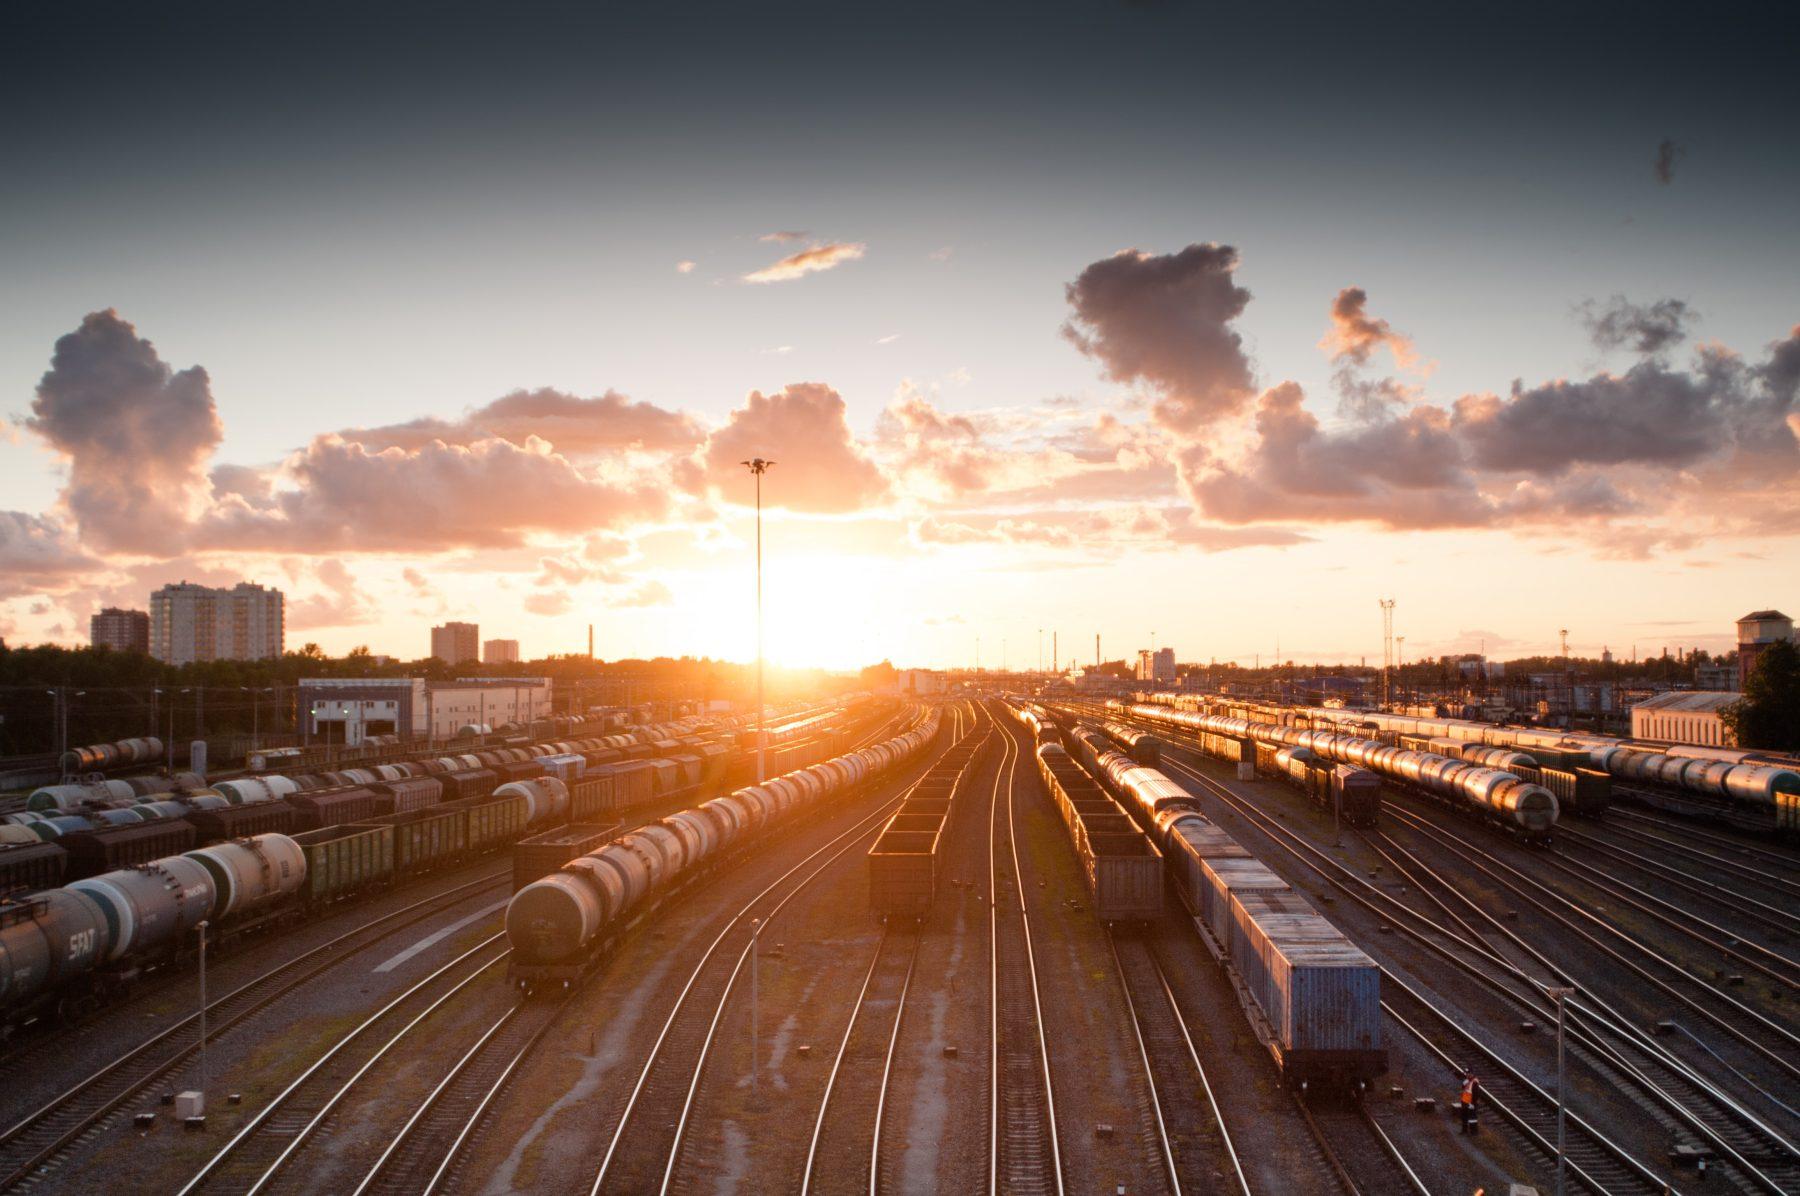 Vier migranten aangereden door trein in Frankrijk, 'sliepen op het spoor'